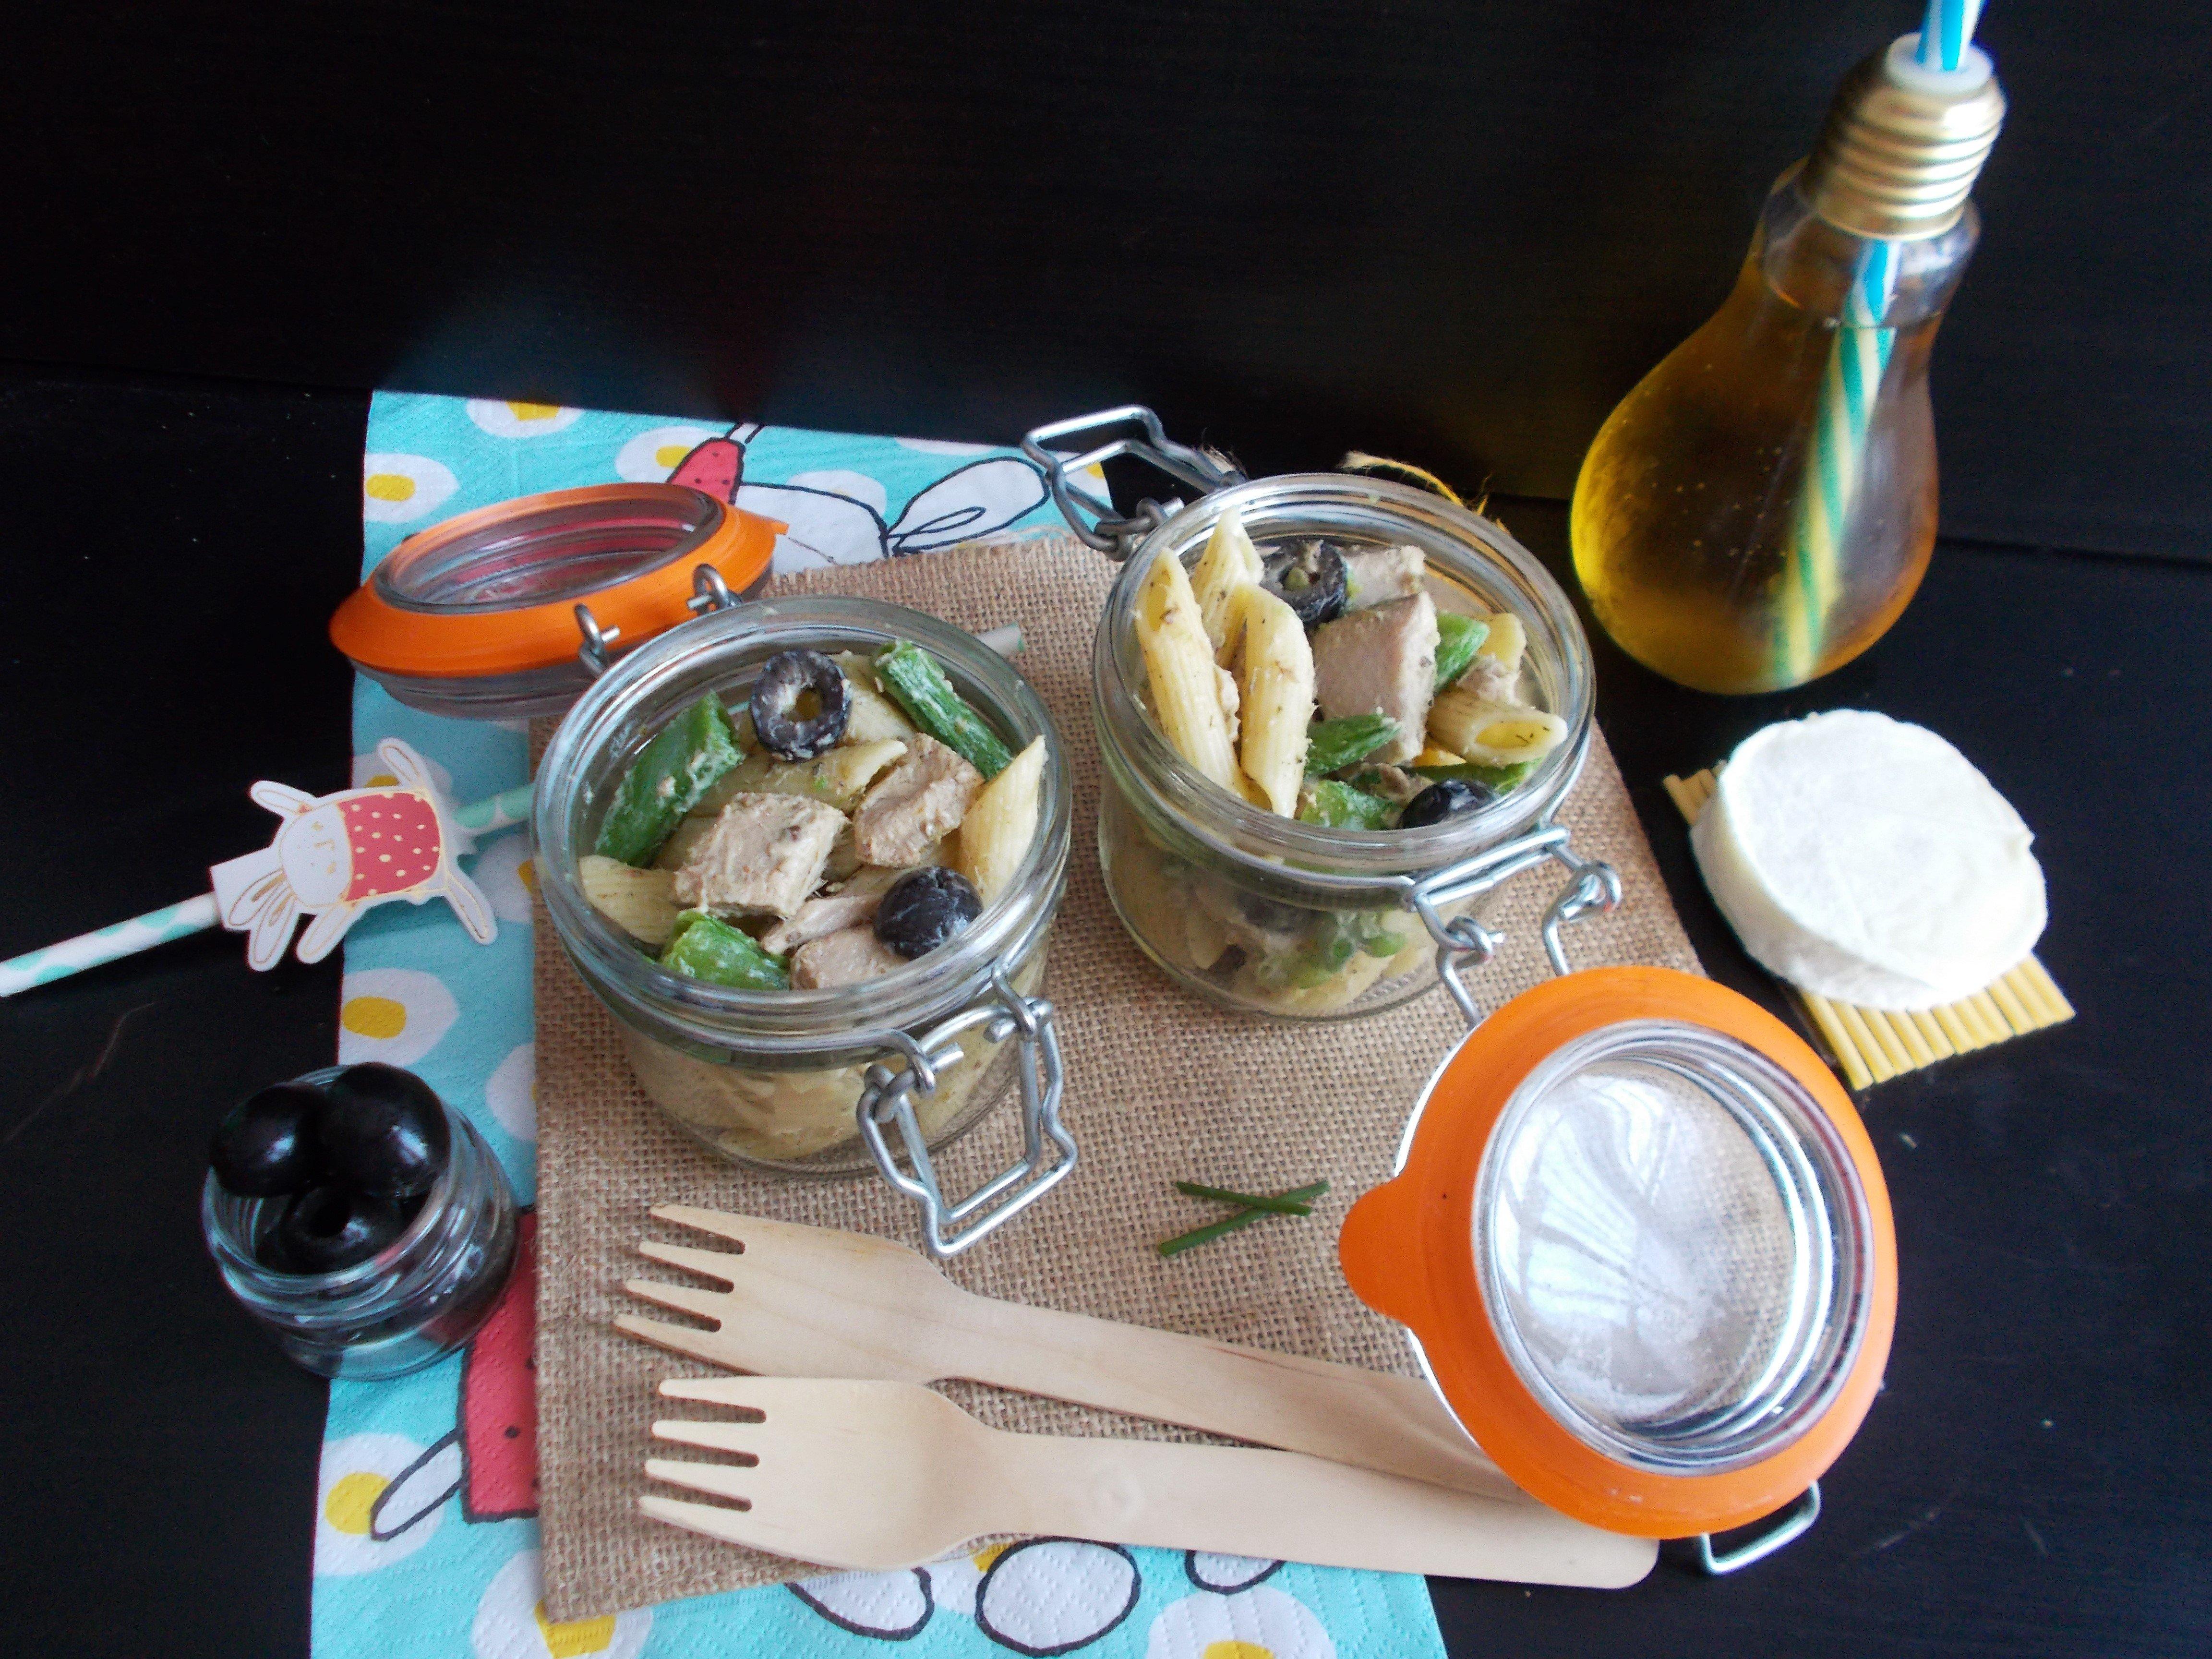 Salade de pâtes au thon mariné, fèves et chèvre